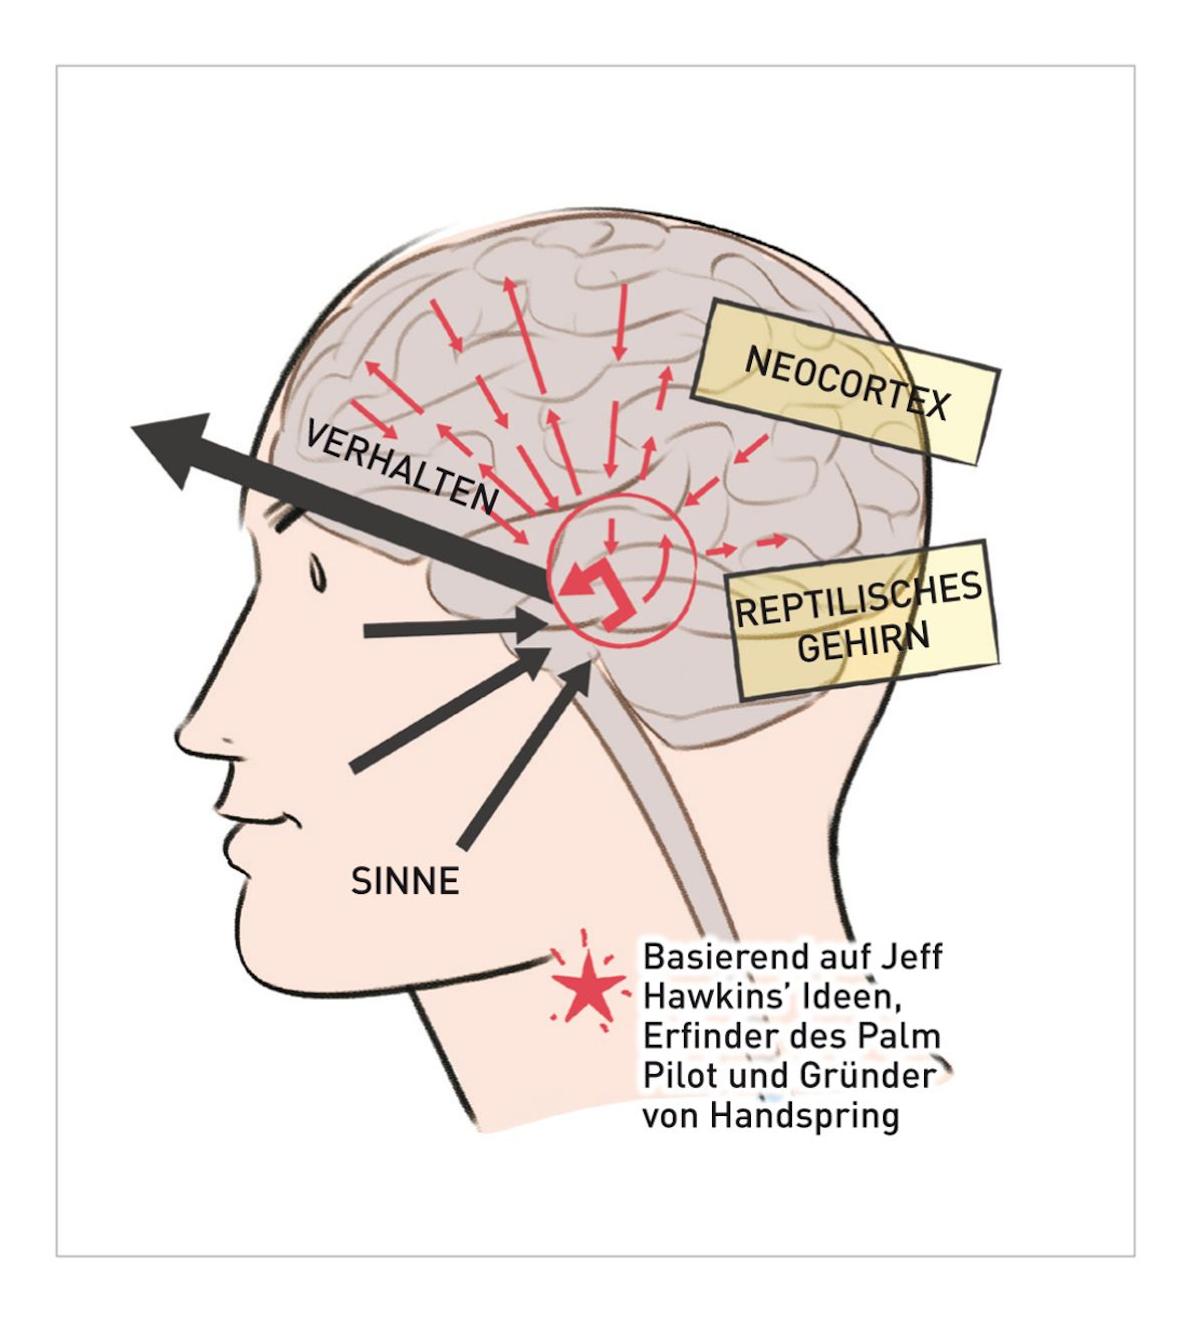 Das Reptiliengehirn übersetzt Empfindungen direkt in Verhalten. Wir können unseren Neocortex jedoch trainieren, die Situation zu kontrollieren.